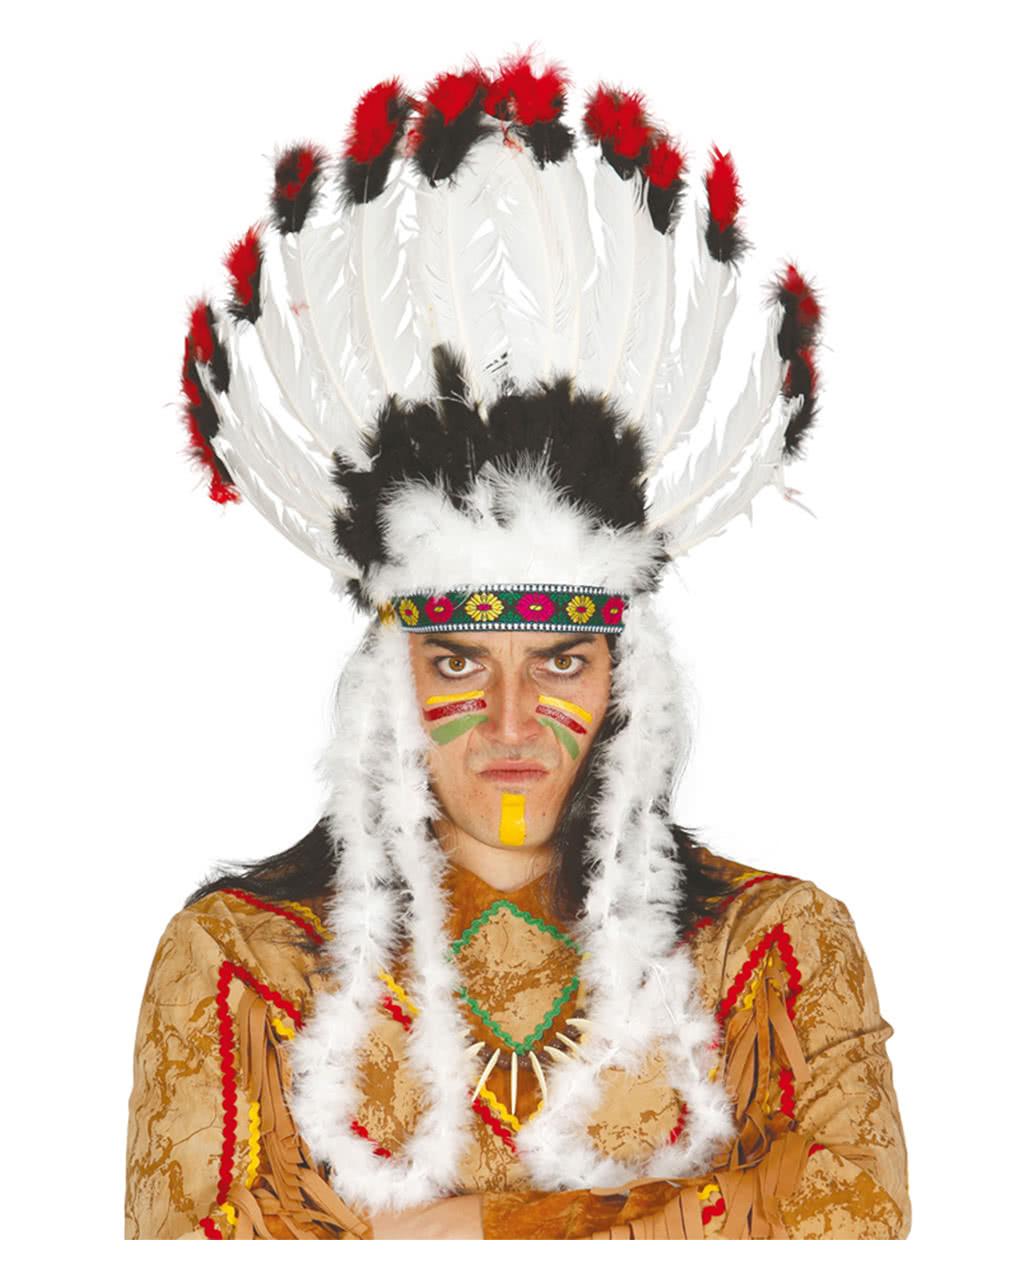 indianer kopfschmuck mit federn kopfbedeckung f r h uptlinge karneval universe. Black Bedroom Furniture Sets. Home Design Ideas